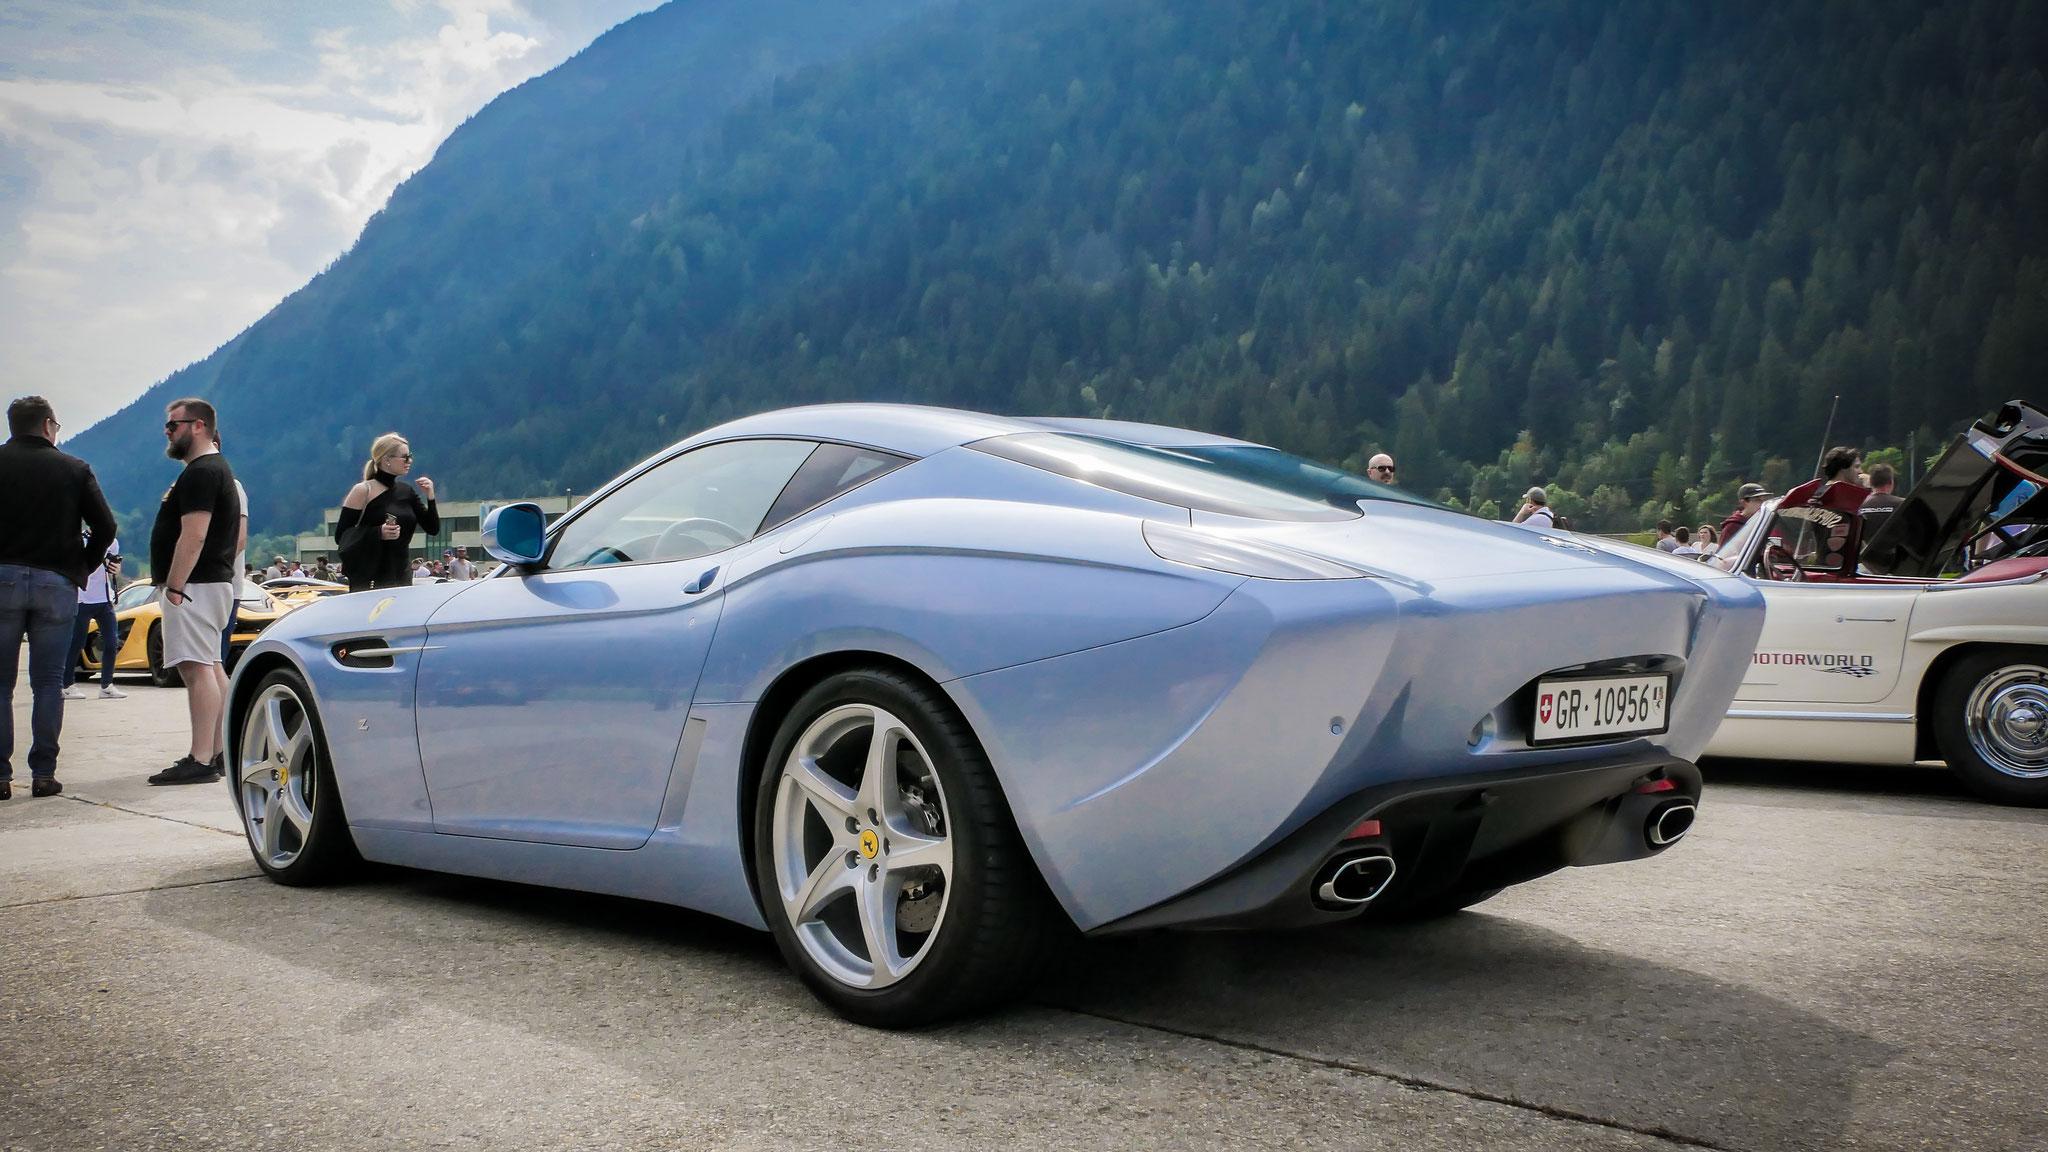 Ferrari 599 Nibbio Zagato - GR-10956 (CH)